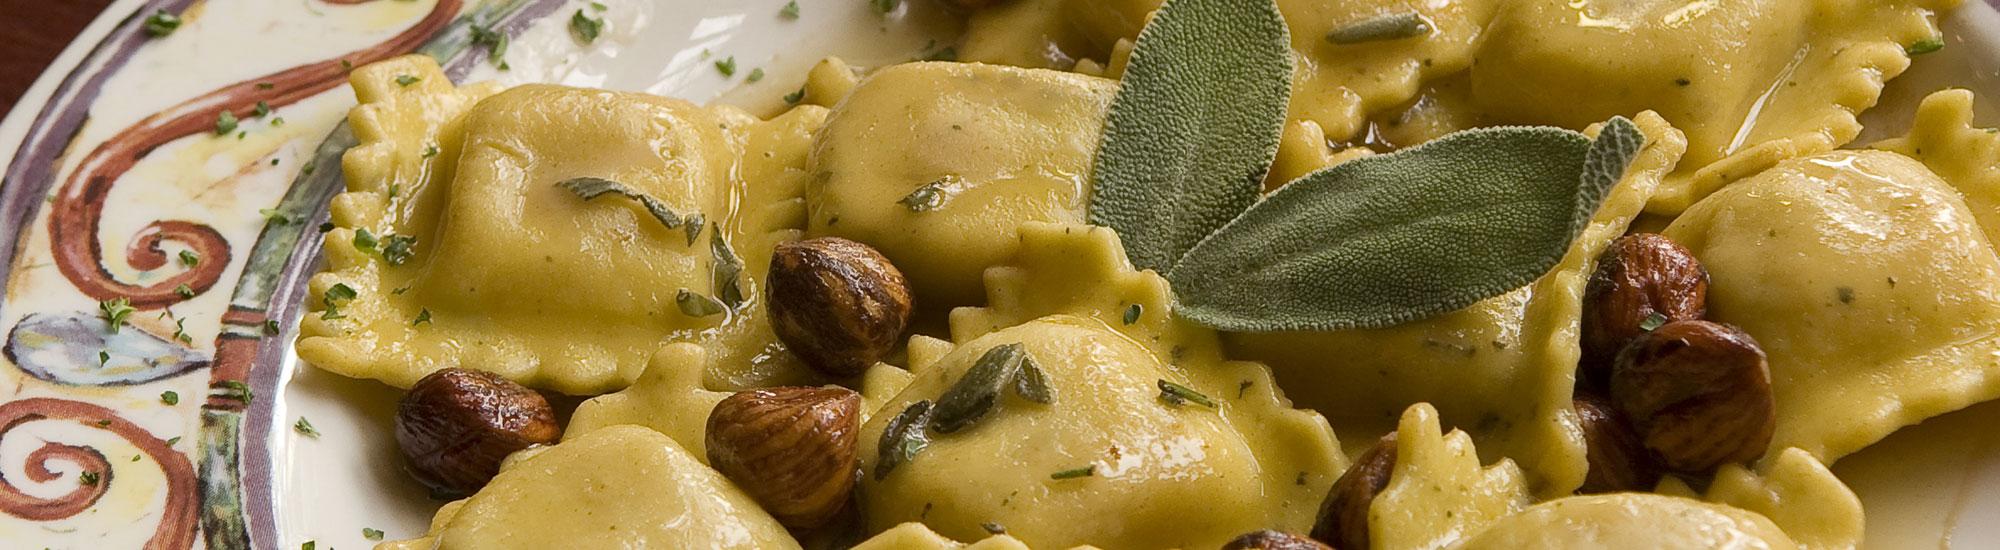 ricetta Tortelli di zucca in salsa di nocciole con pasta fresca